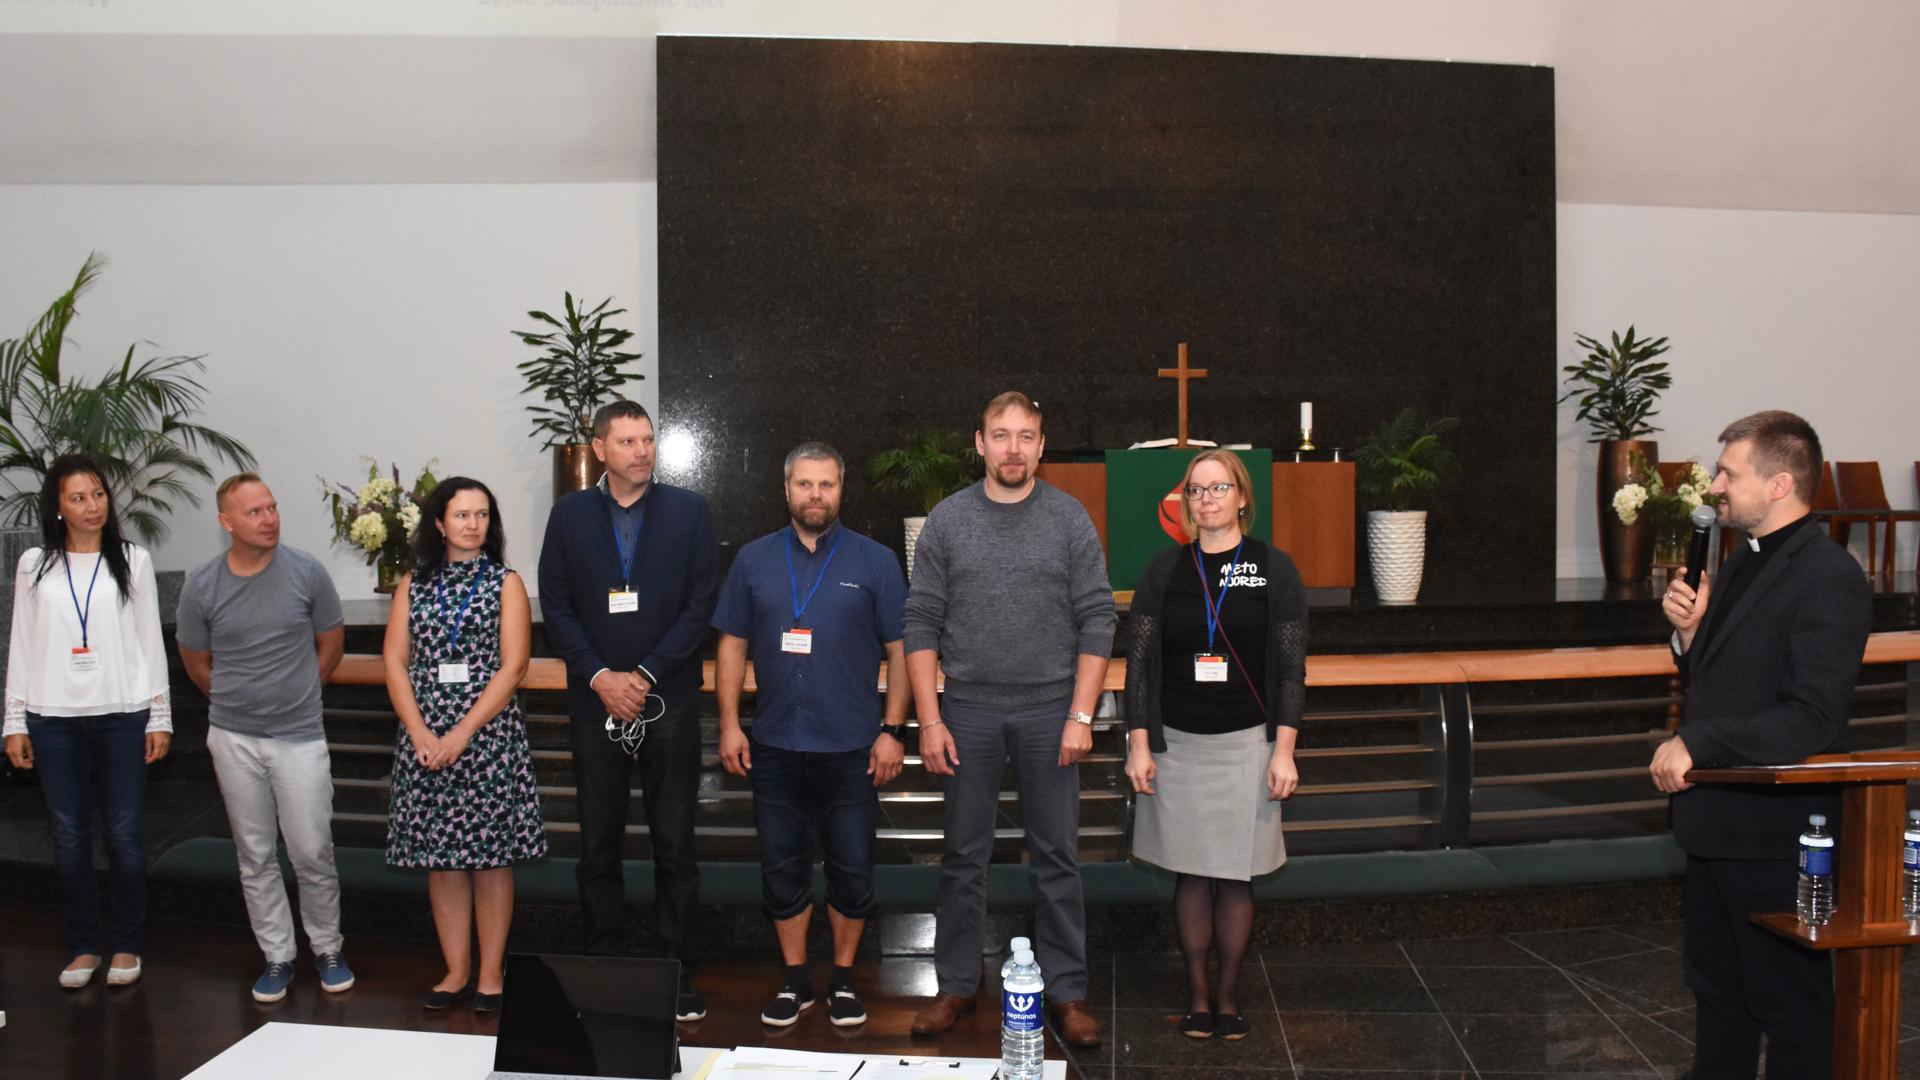 EMK Aastakonverents 2020